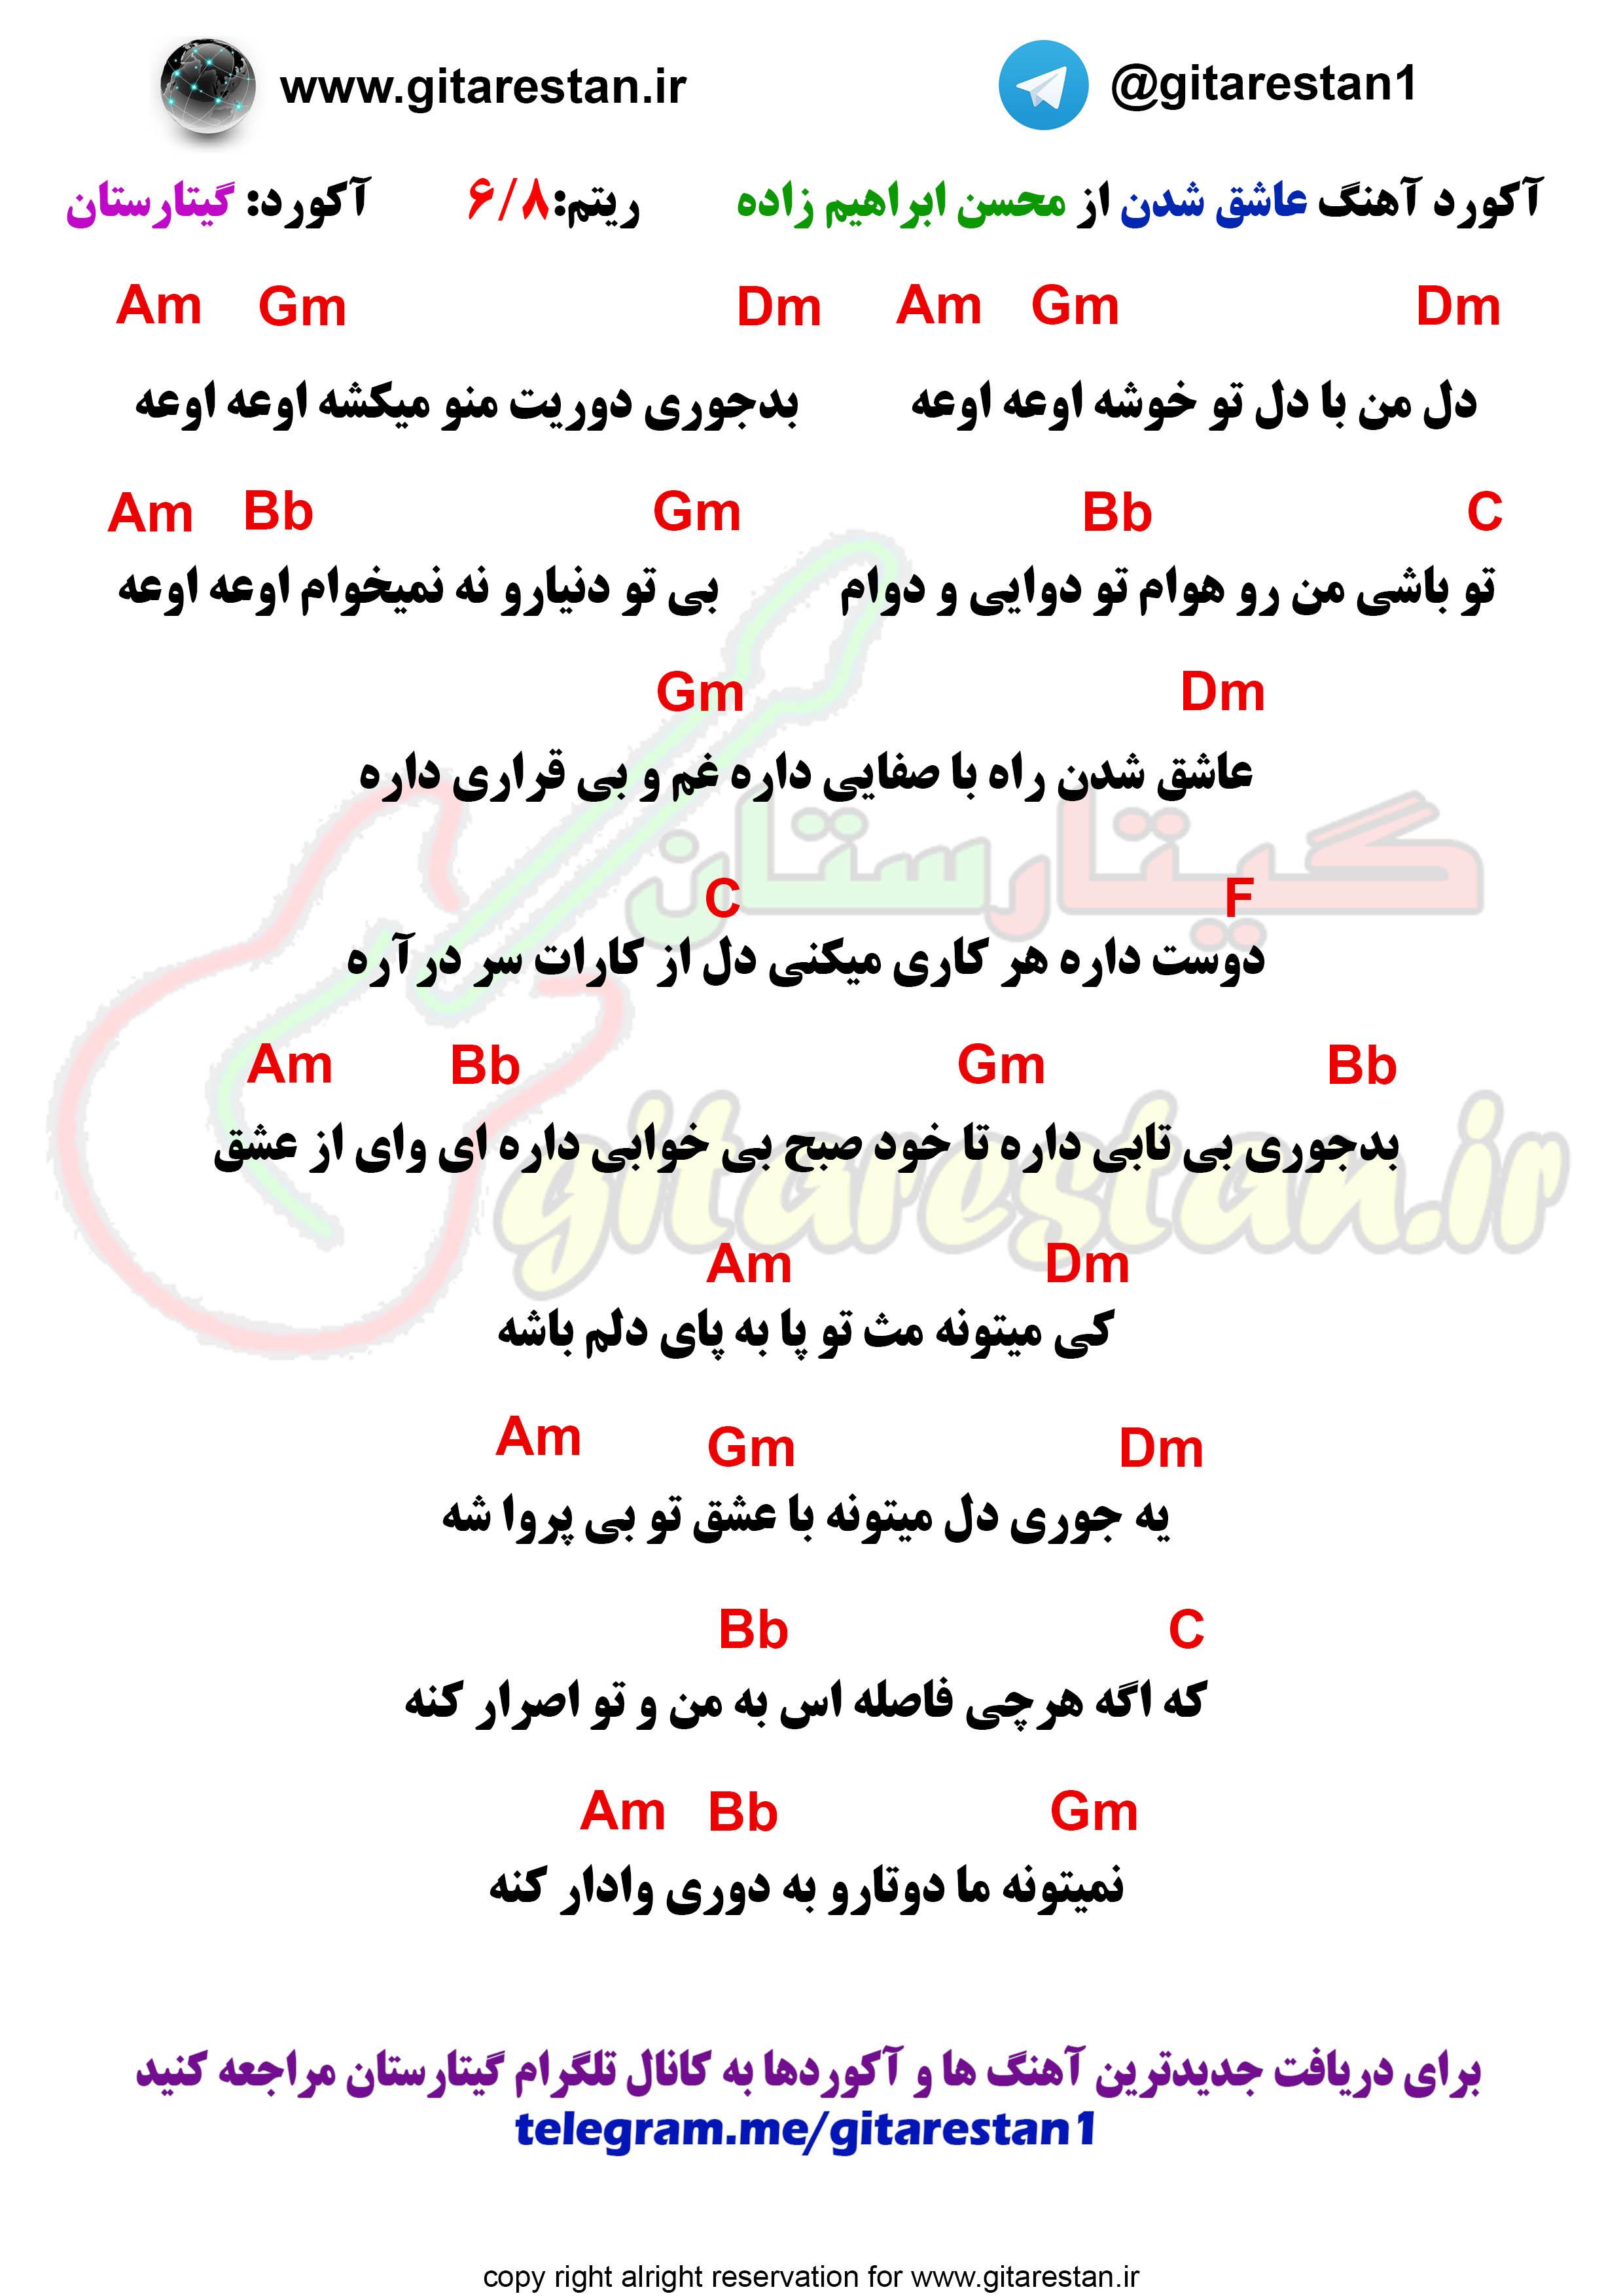 آکورد آهنگ عاشق شدن از محسن ابراهیم زاده